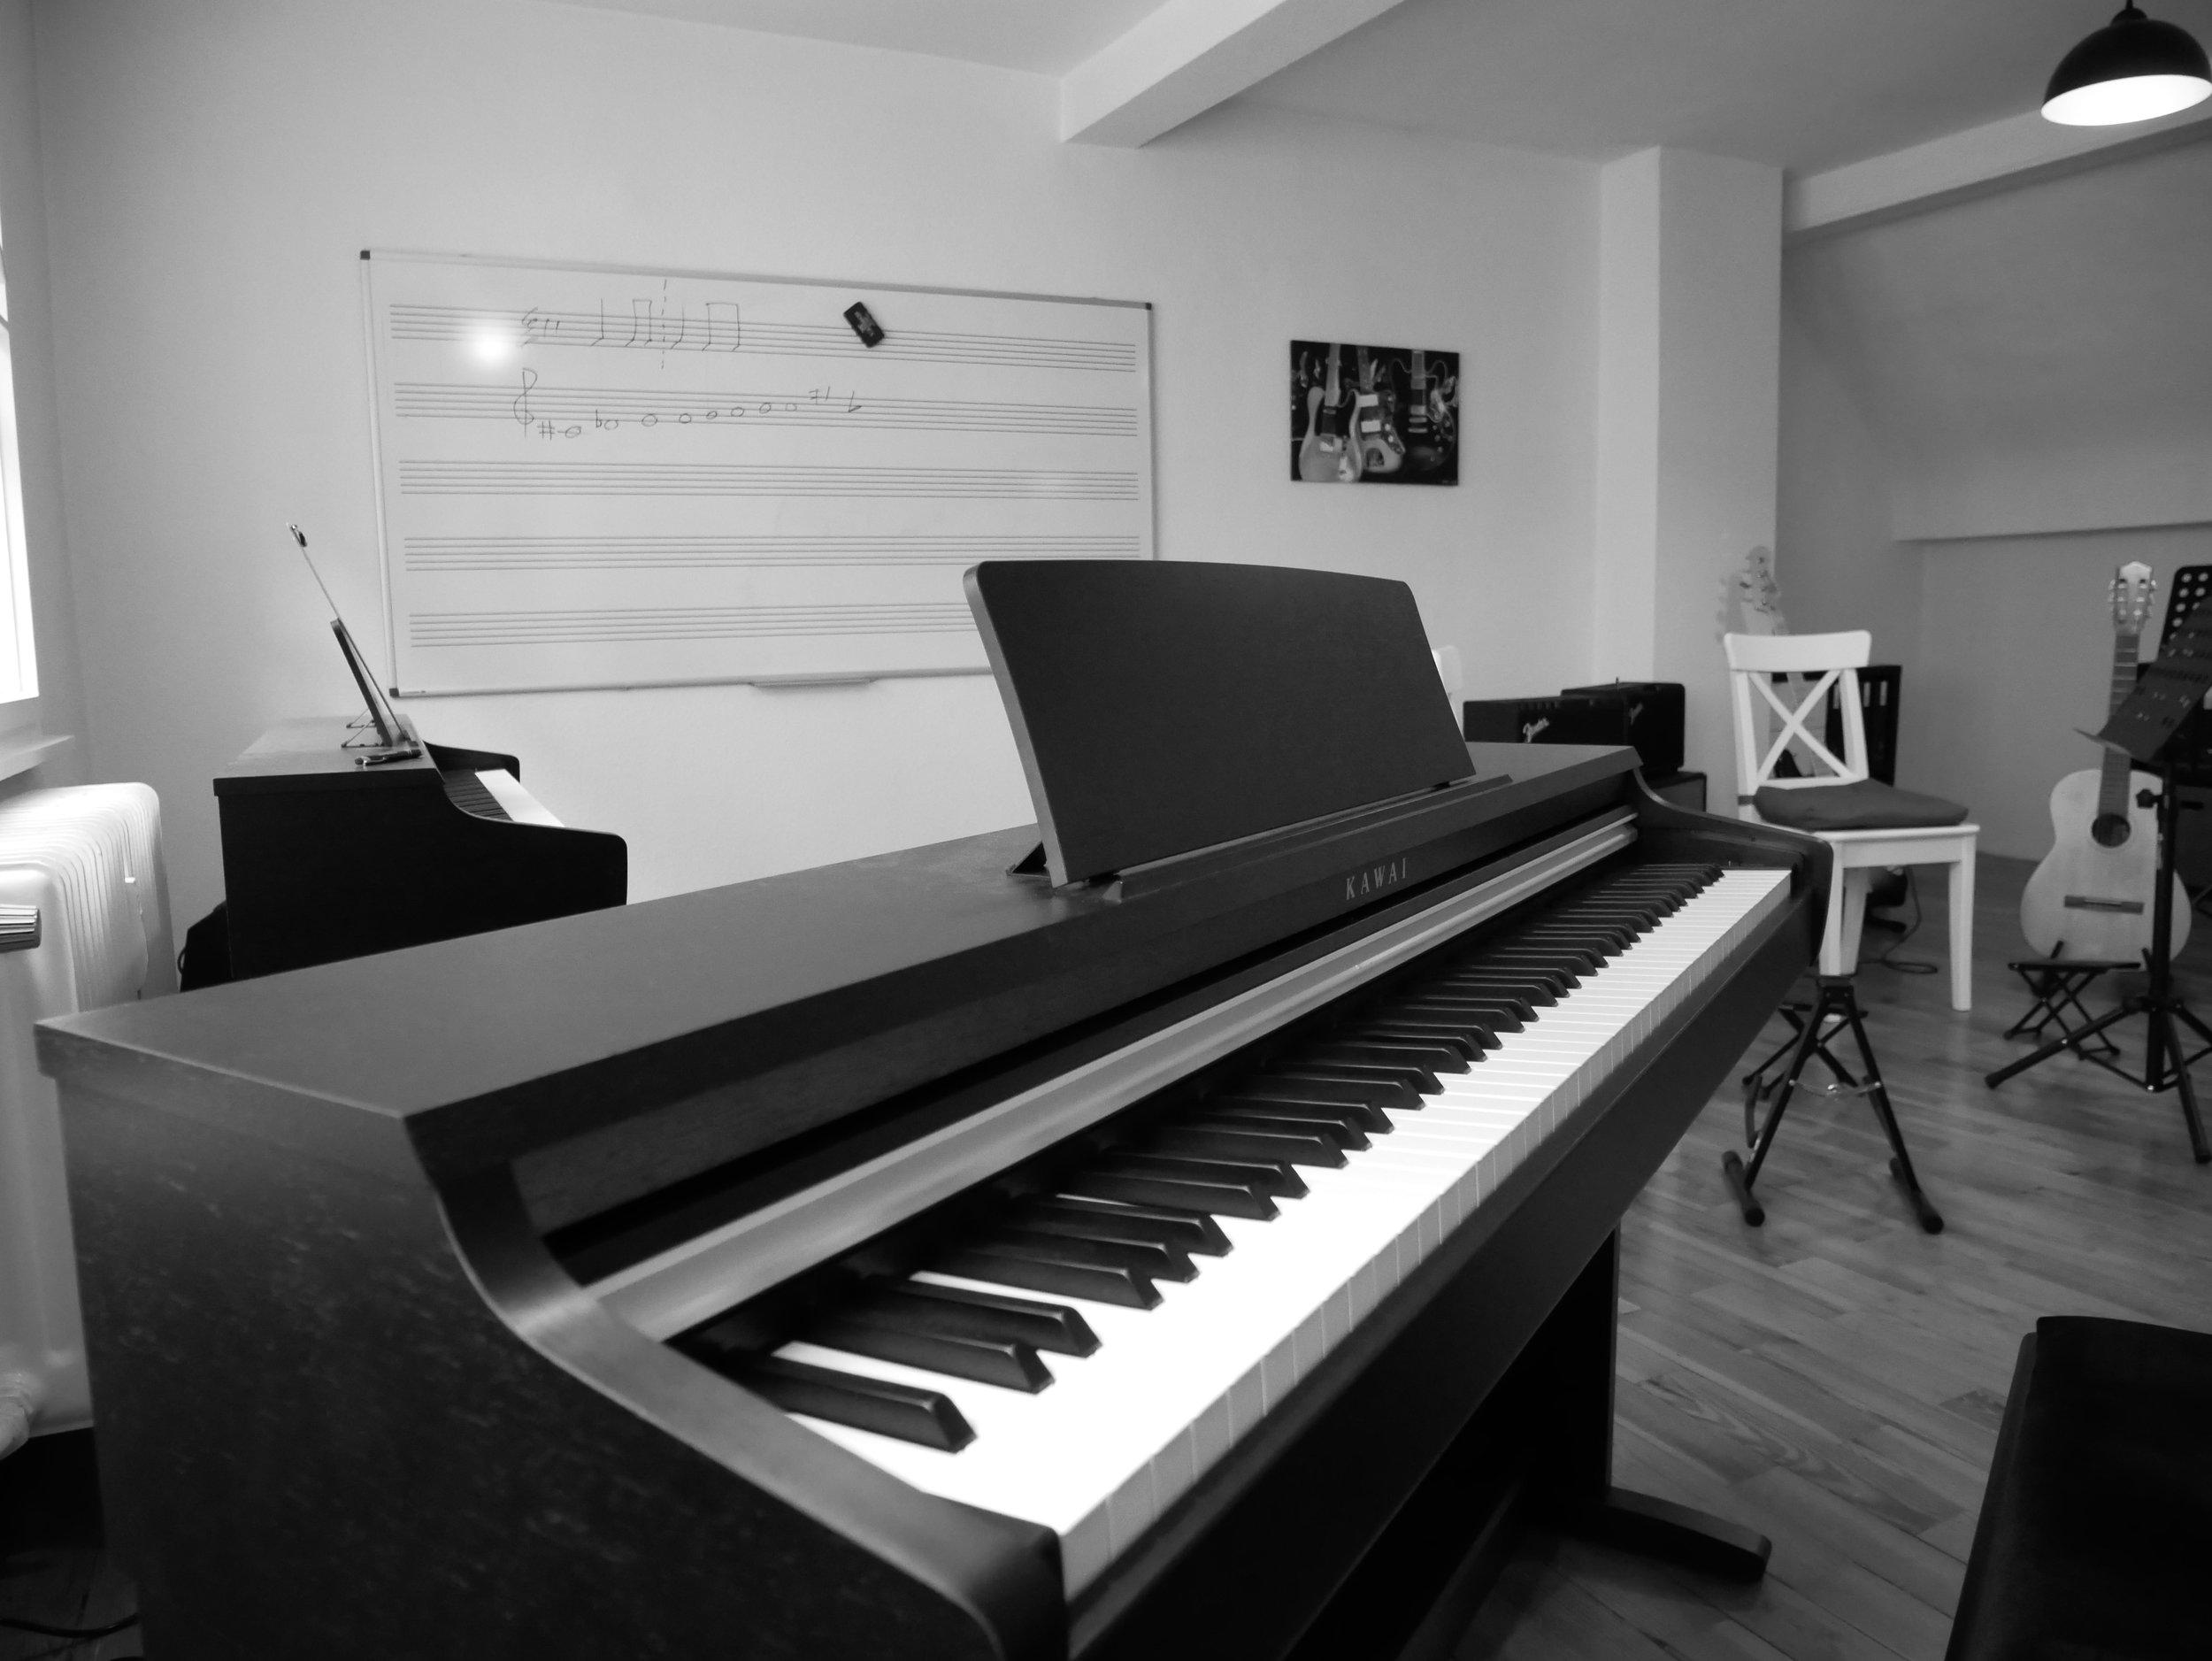 Blue Music School Raum 2.2. Klavier- und Gitarrenunterricht. Eine entspannte Atmosphäre fördert den Lernerfolg